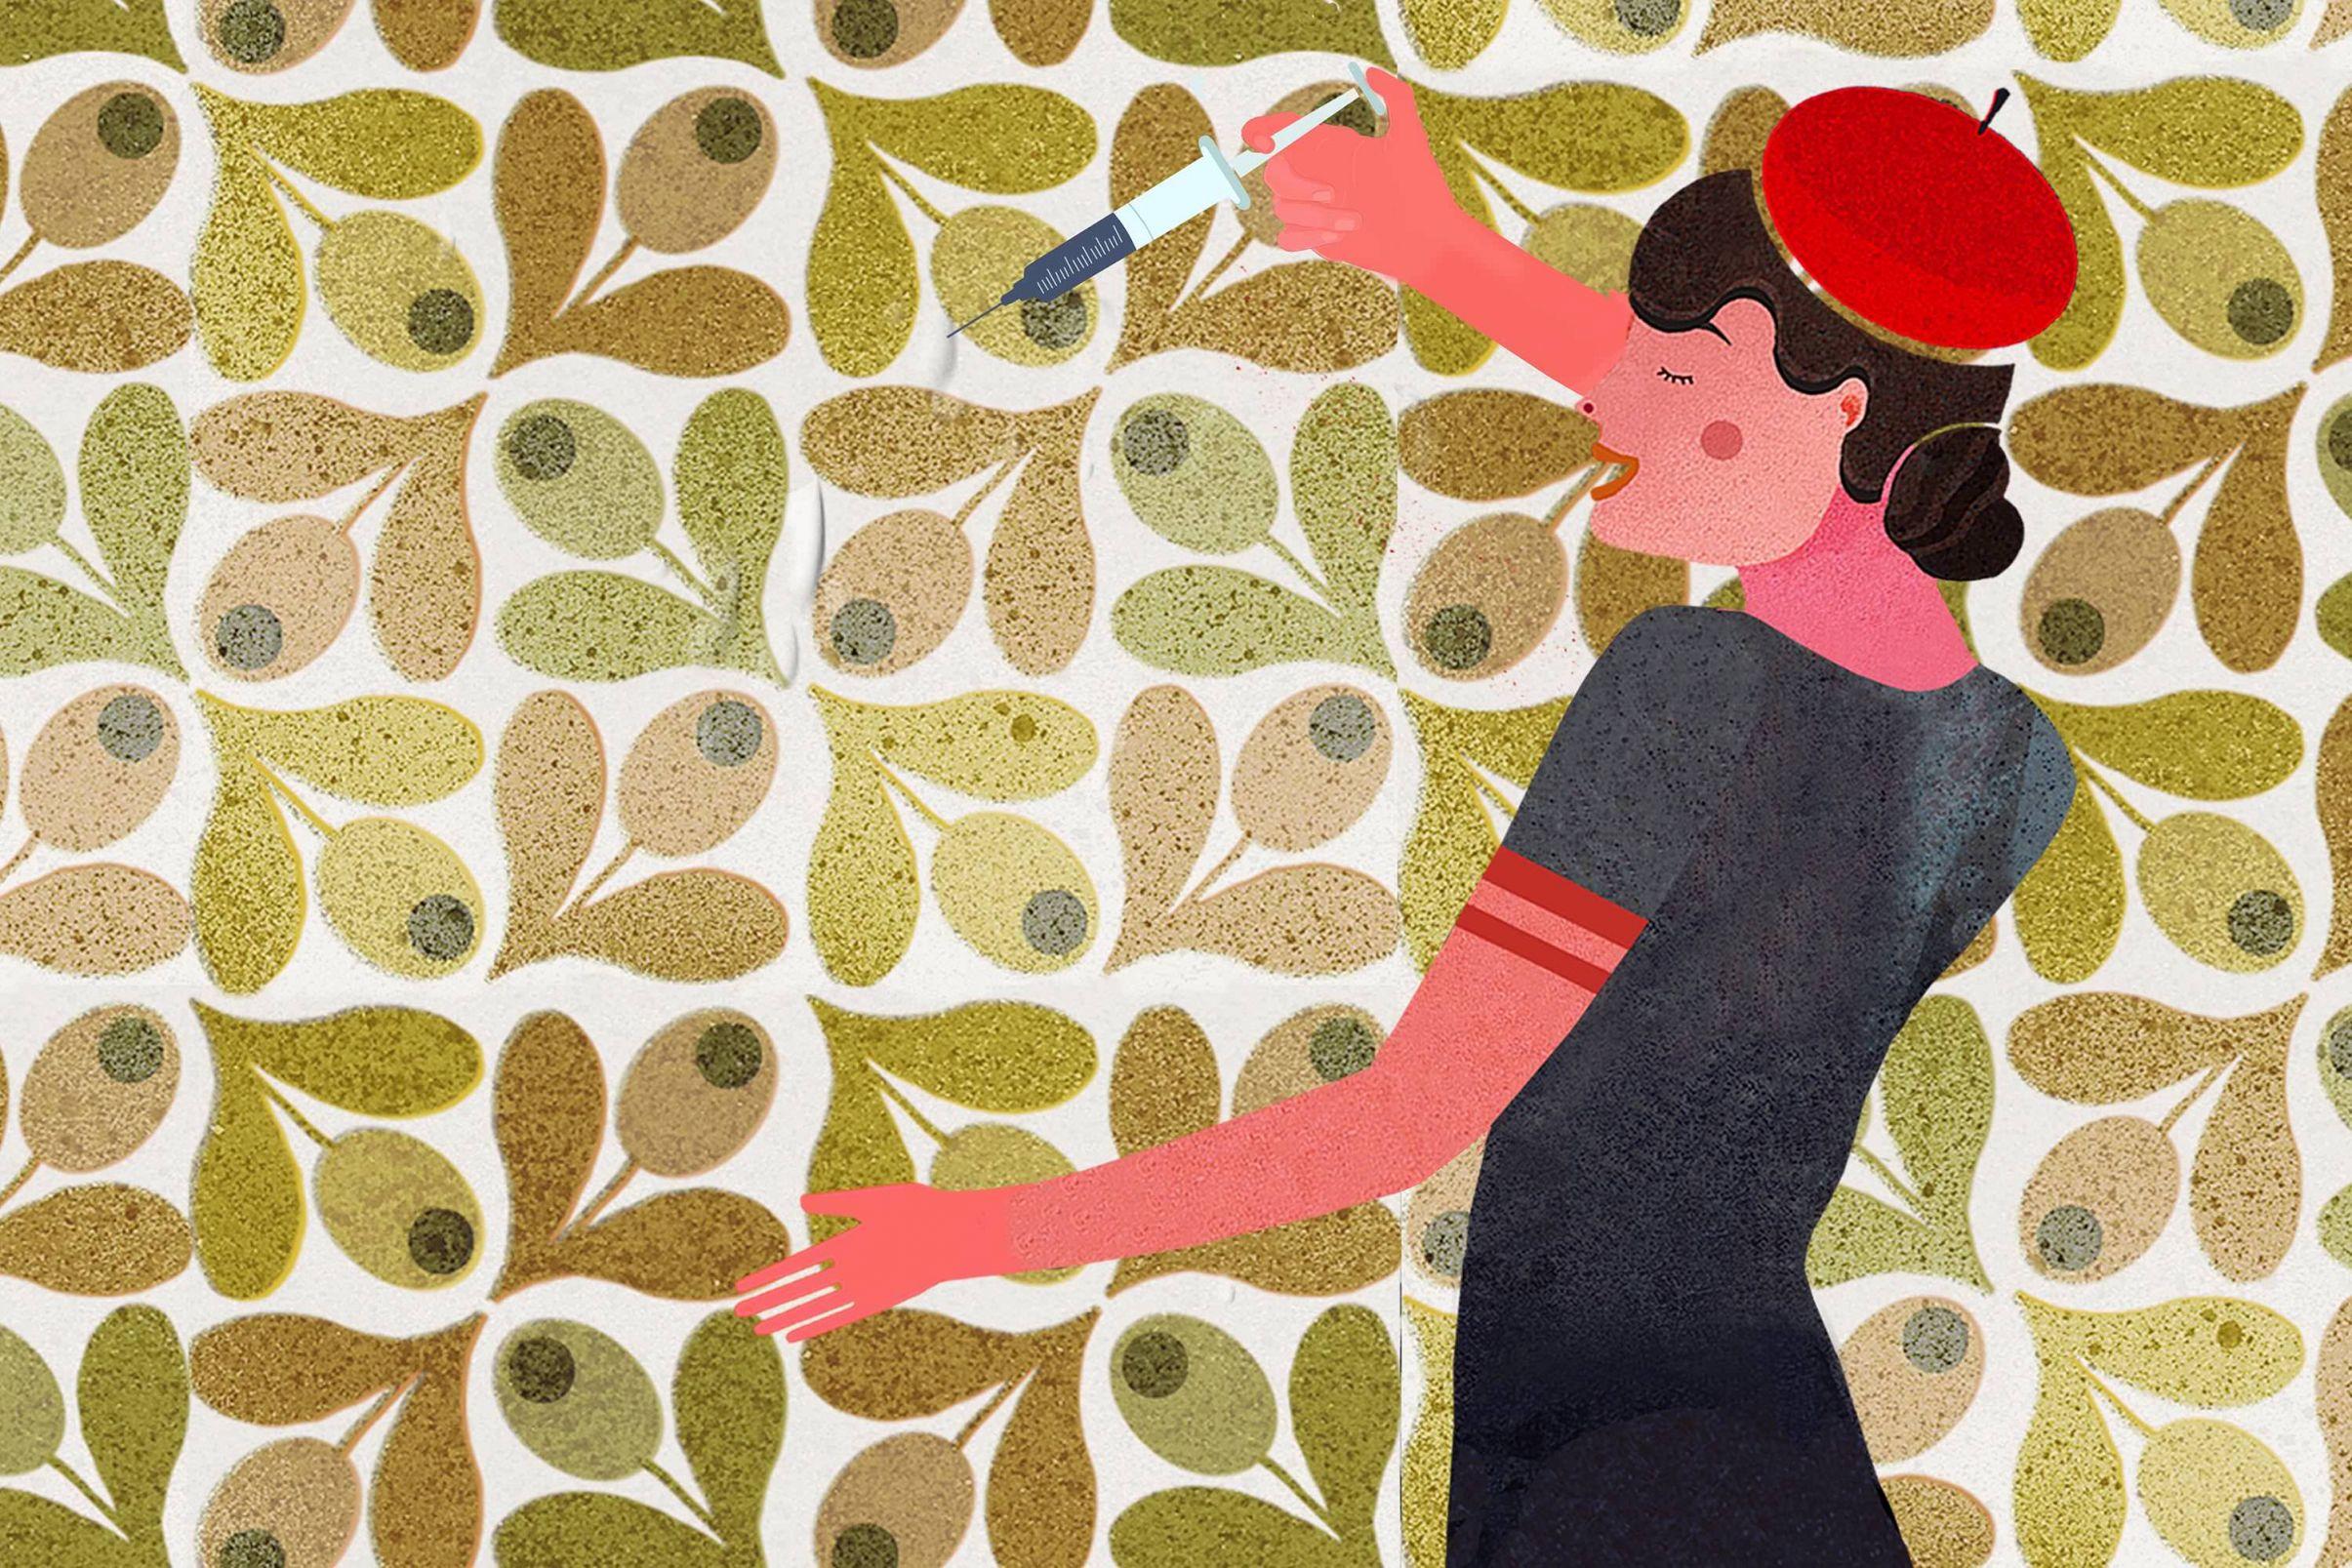 O-que-posso-fazer-para-prevenir-bolhas-Subsequente-remocao-de-bolhas-utilizando-uma-seringa-de-cola